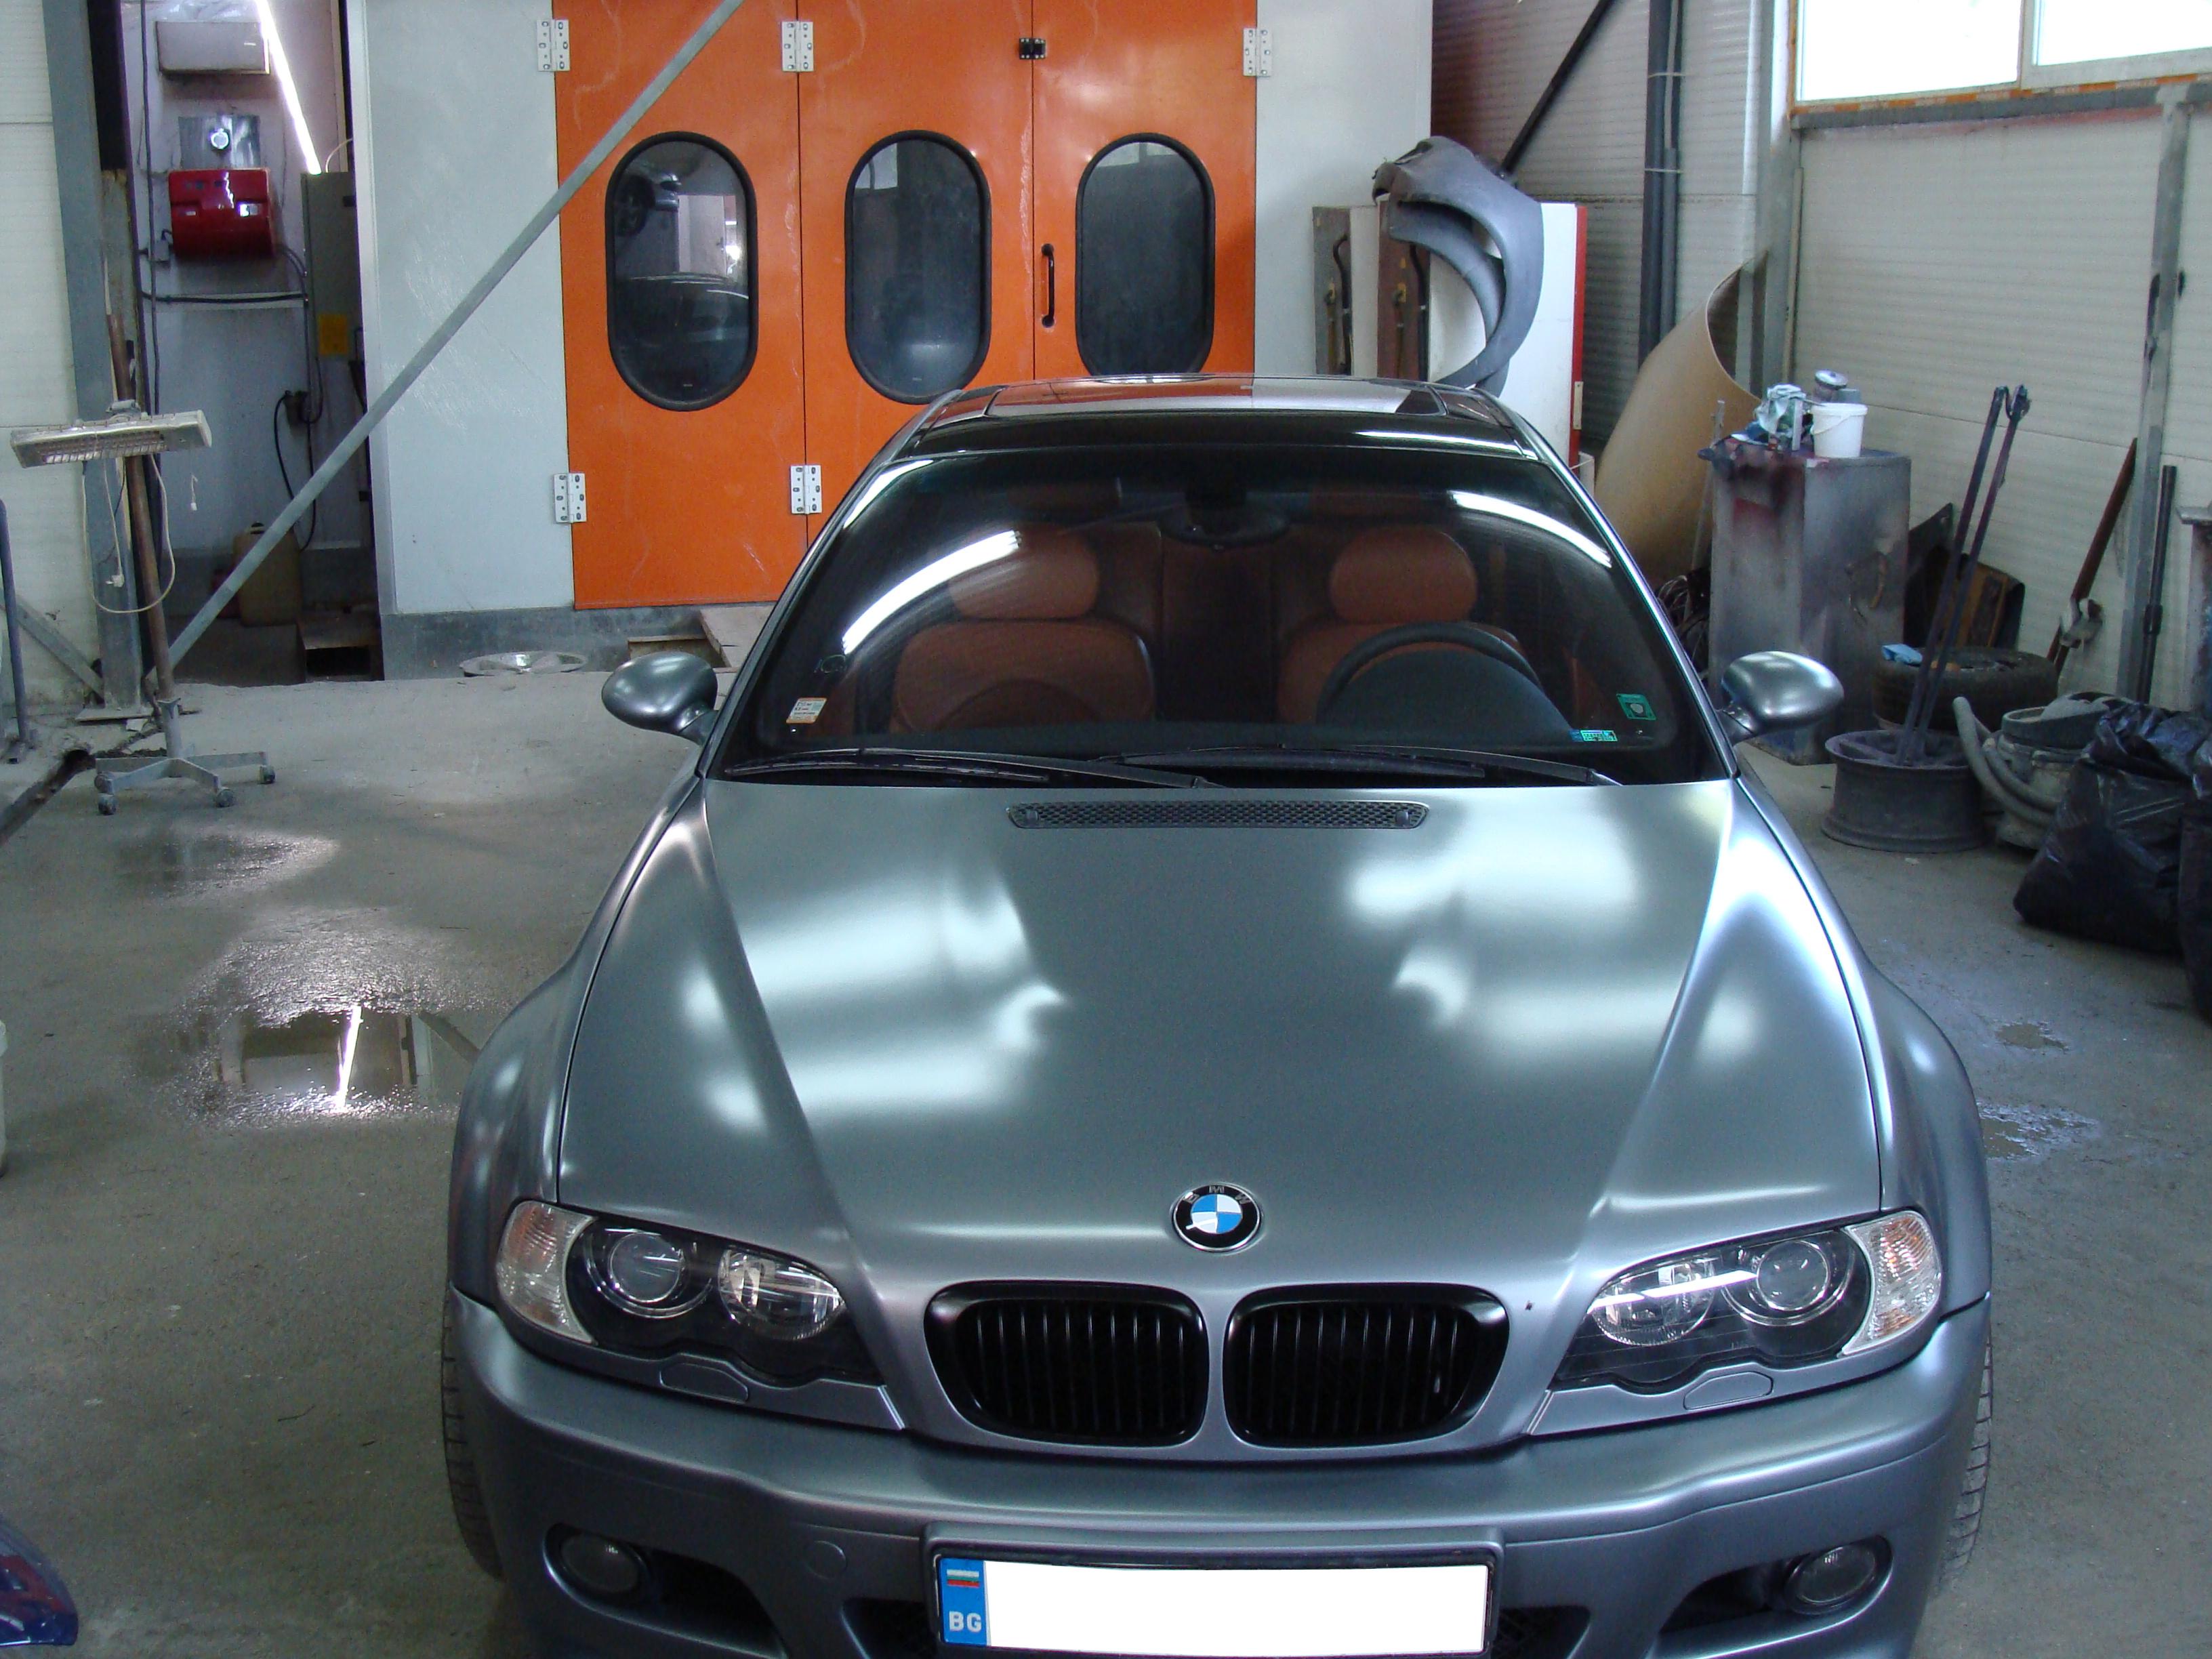 BMW M3 - e46